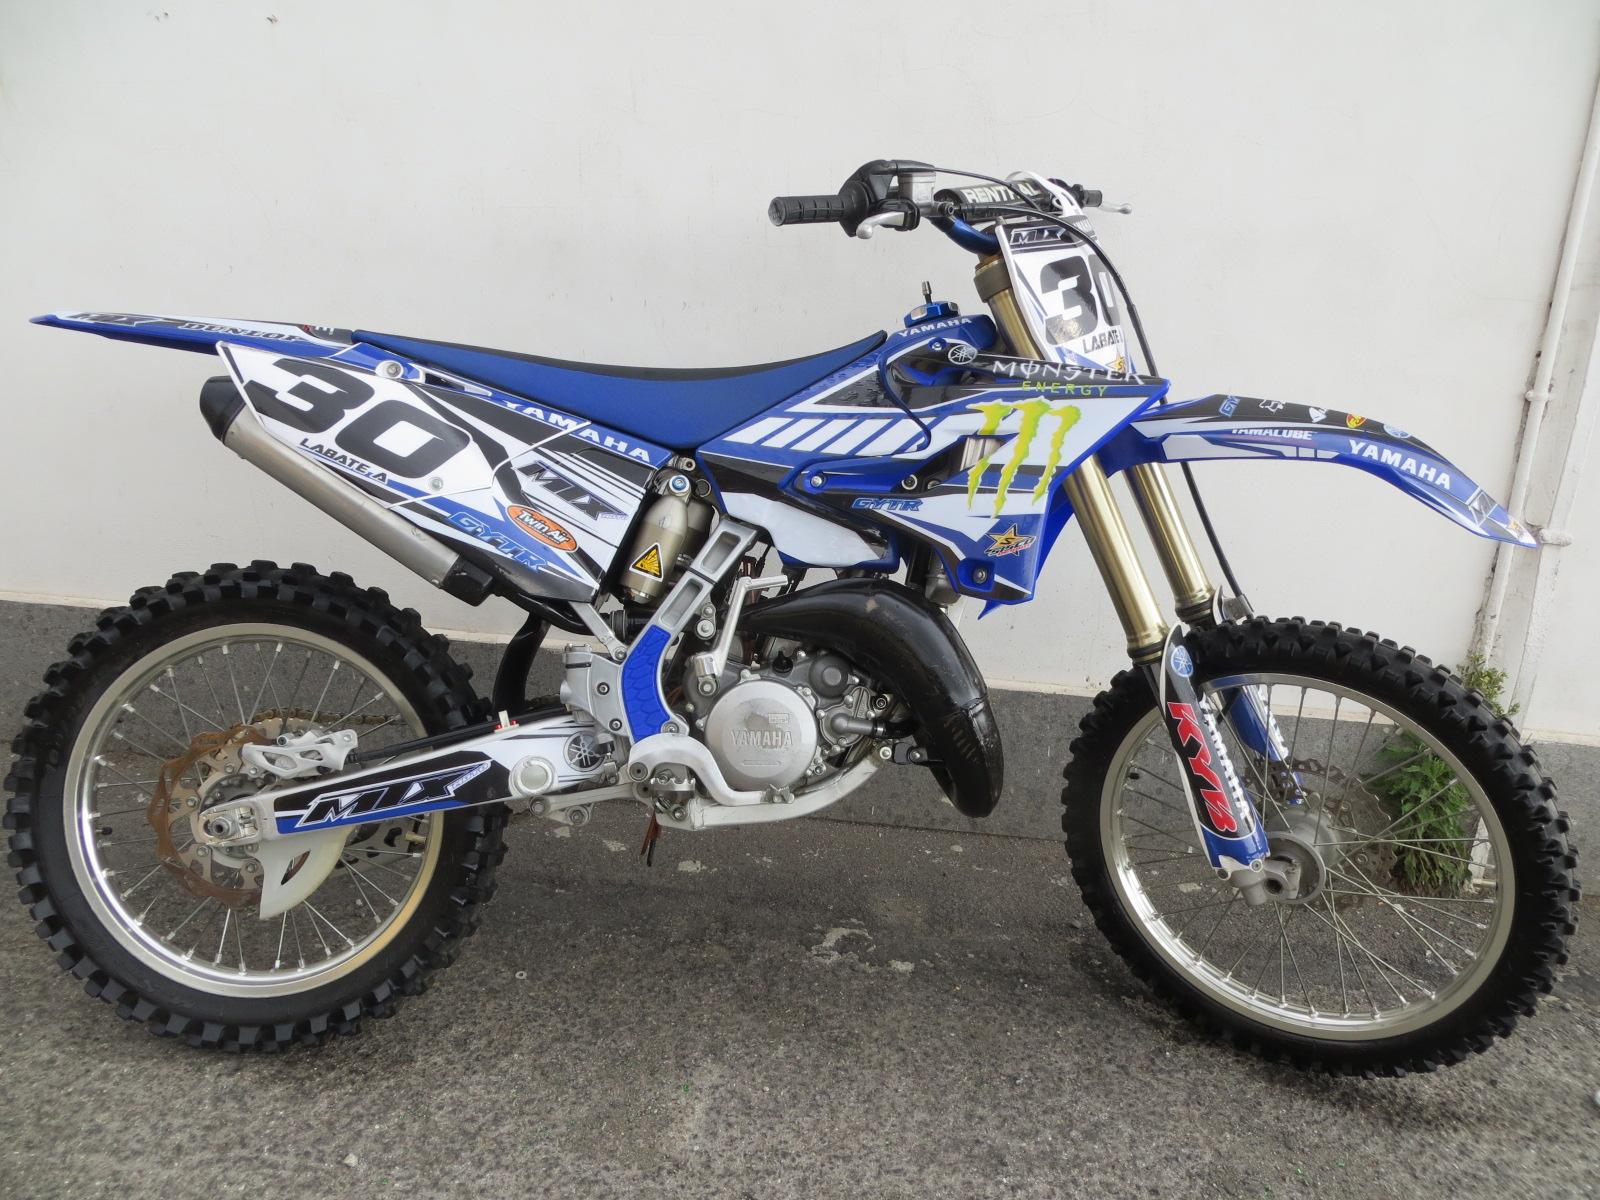 Yamaha Yamaha YZ 125 cross